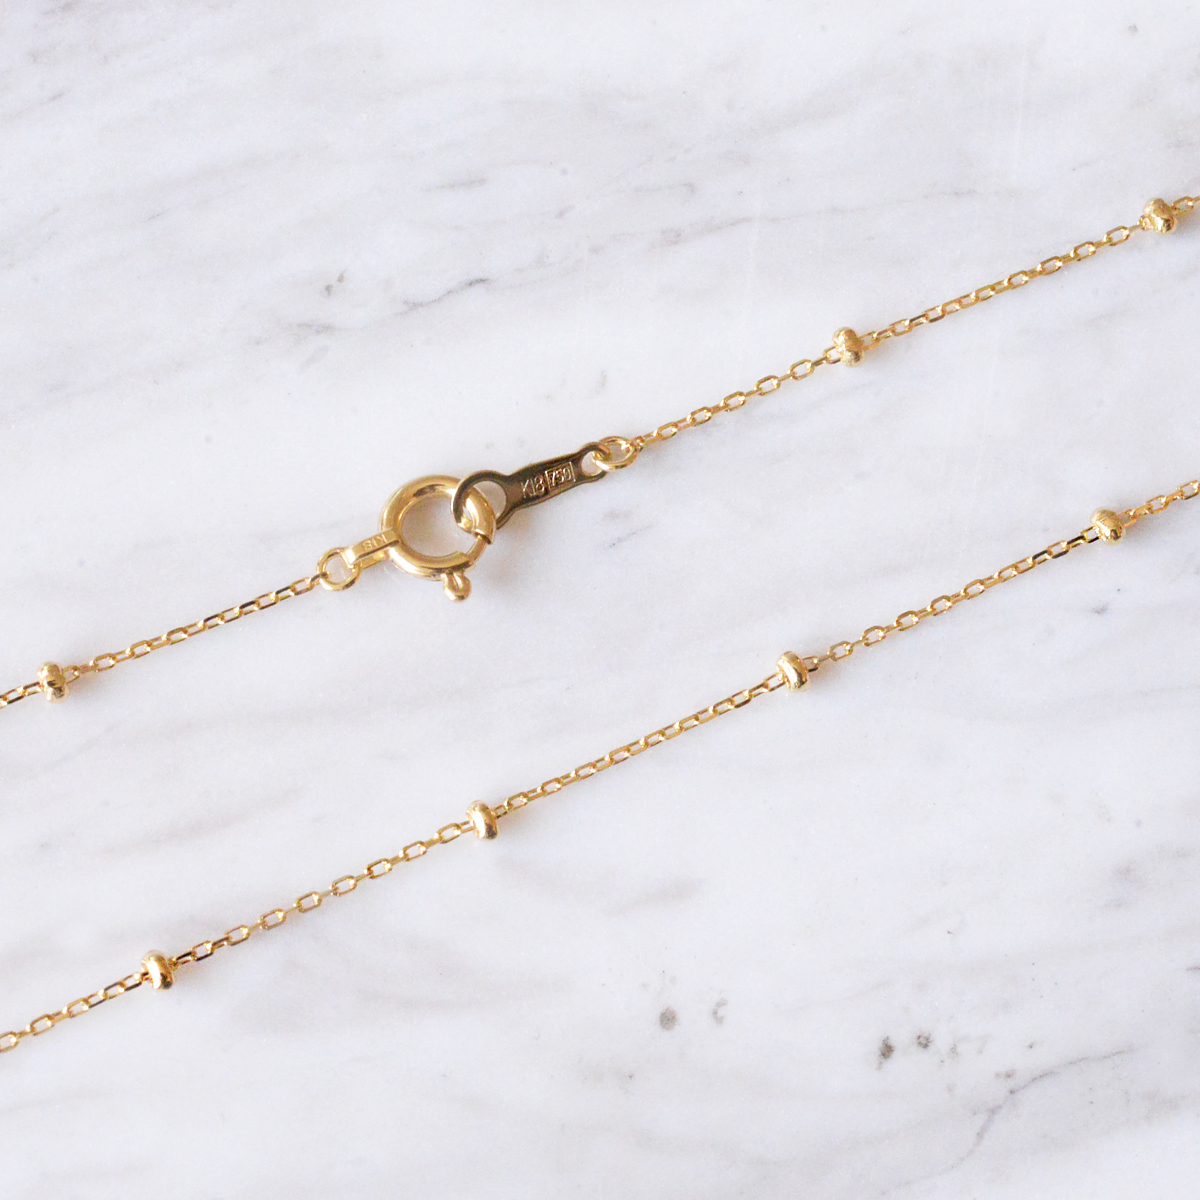 4/2新発売  k18ネックレス K18 イエローゴールド スタッド アズキチェーン 幅1.7mm チェーン 50cm/ プレゼント ギフト gold necklace ach1663c50